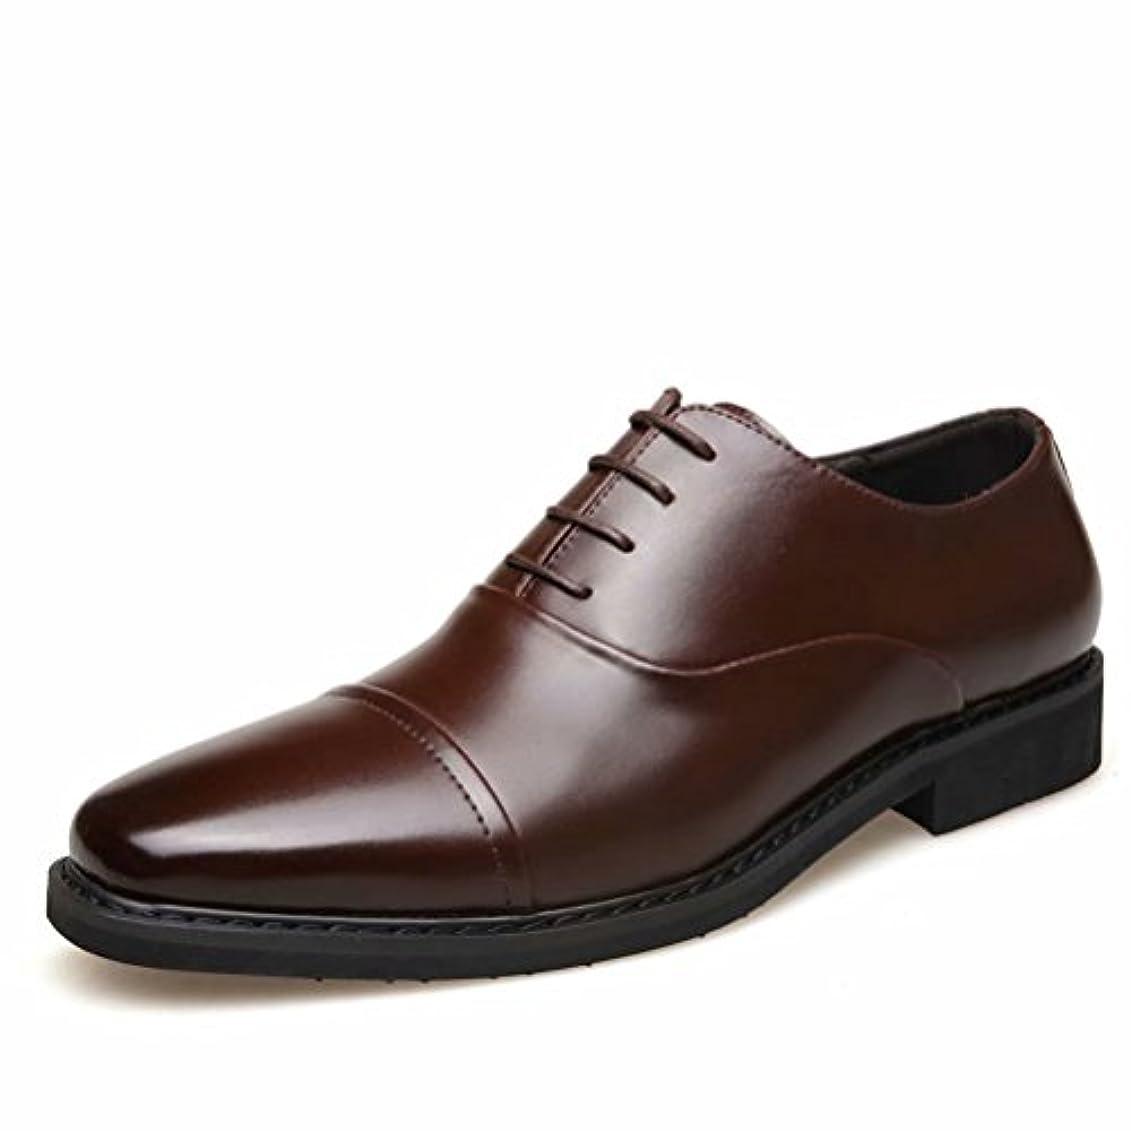 ペルソナ掃くミケランジェロAmazingJP ビジネスシューズ メンズ 革靴 靴 ストレートチップ 内羽根 カジュアル レースアップ ブラウン ブラック 通勤 柔らかい